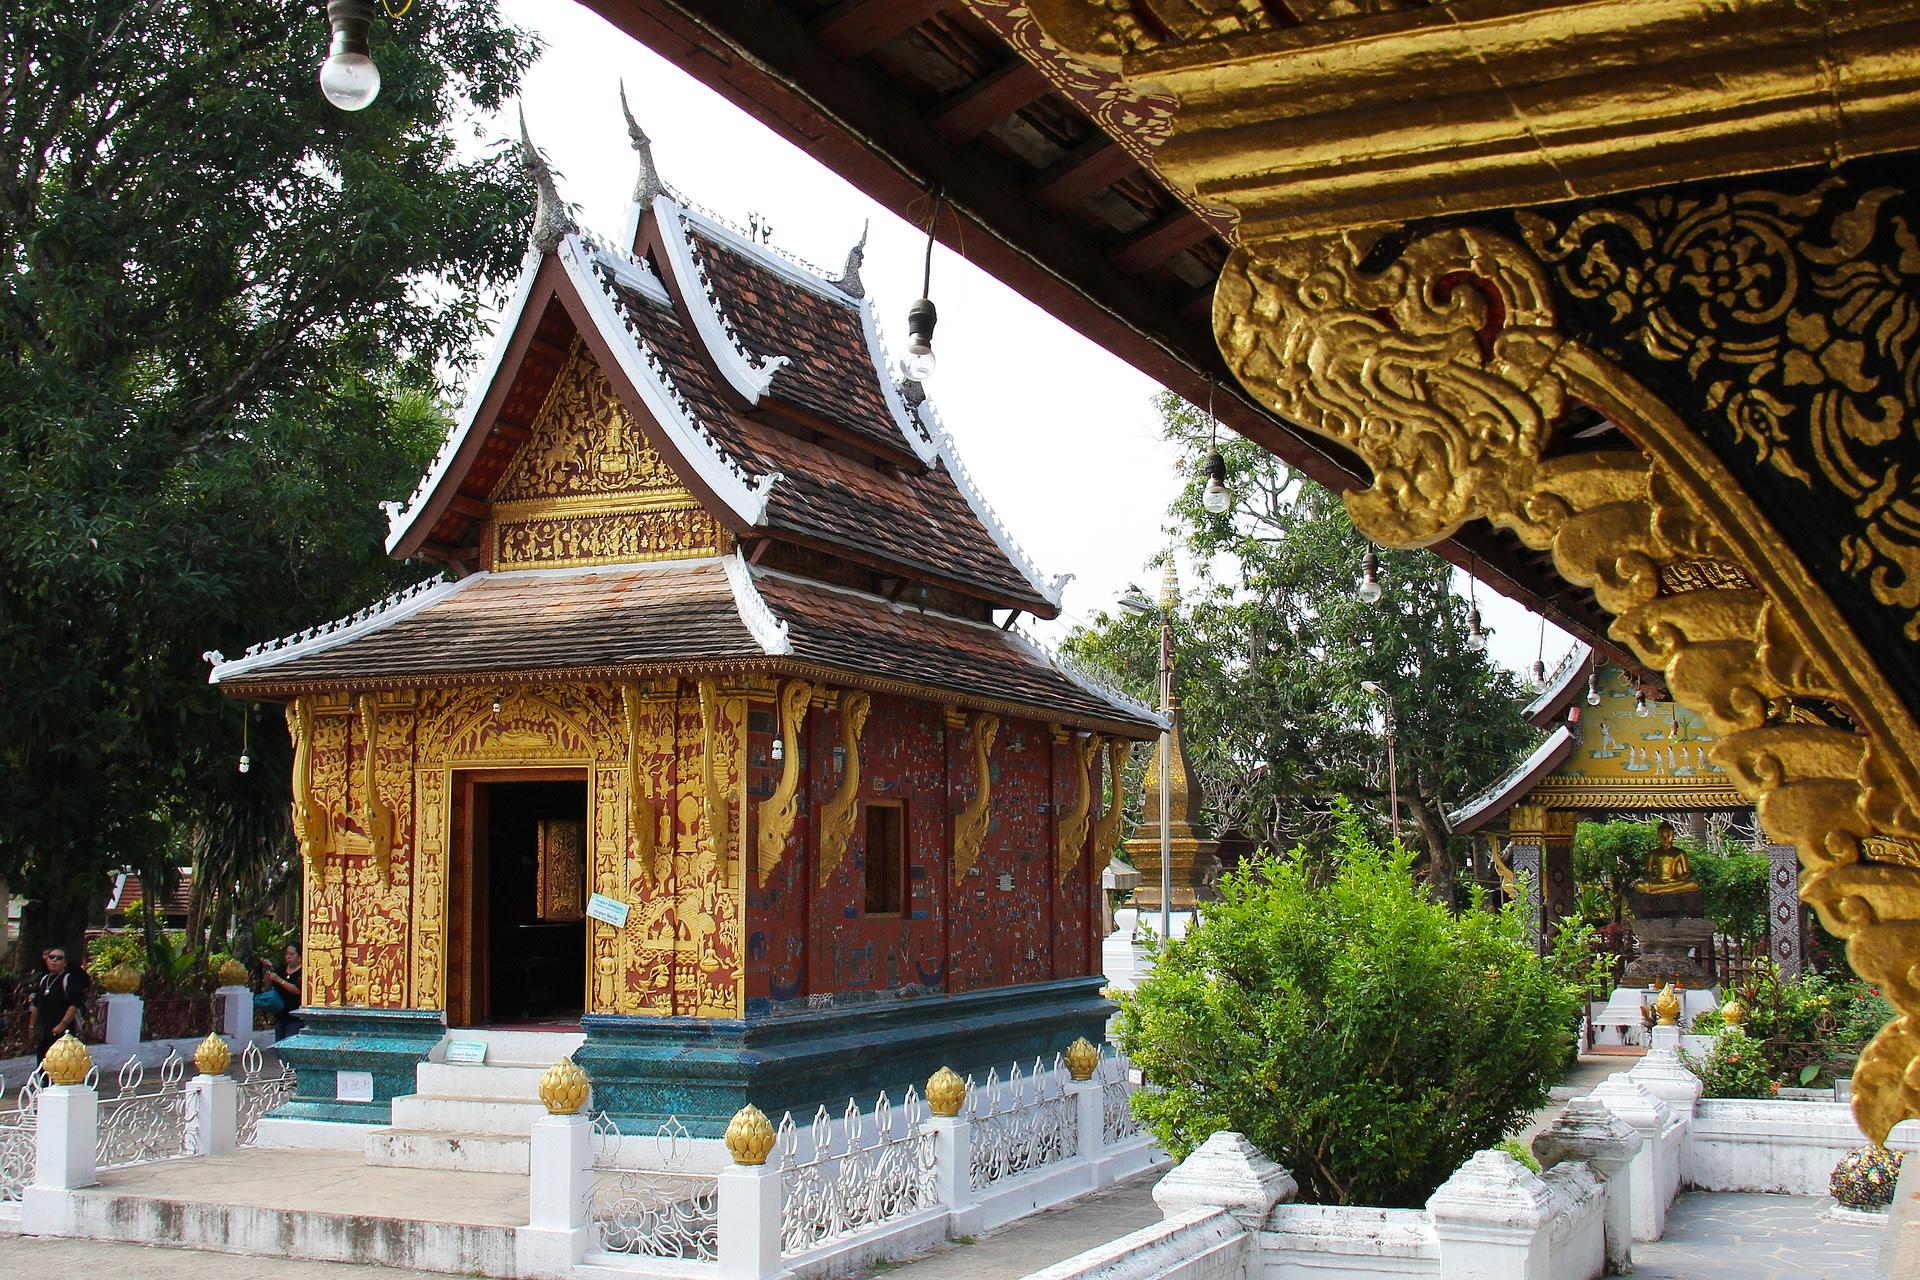 Visit Wat Xieng Thong Temple in Luang Prabang